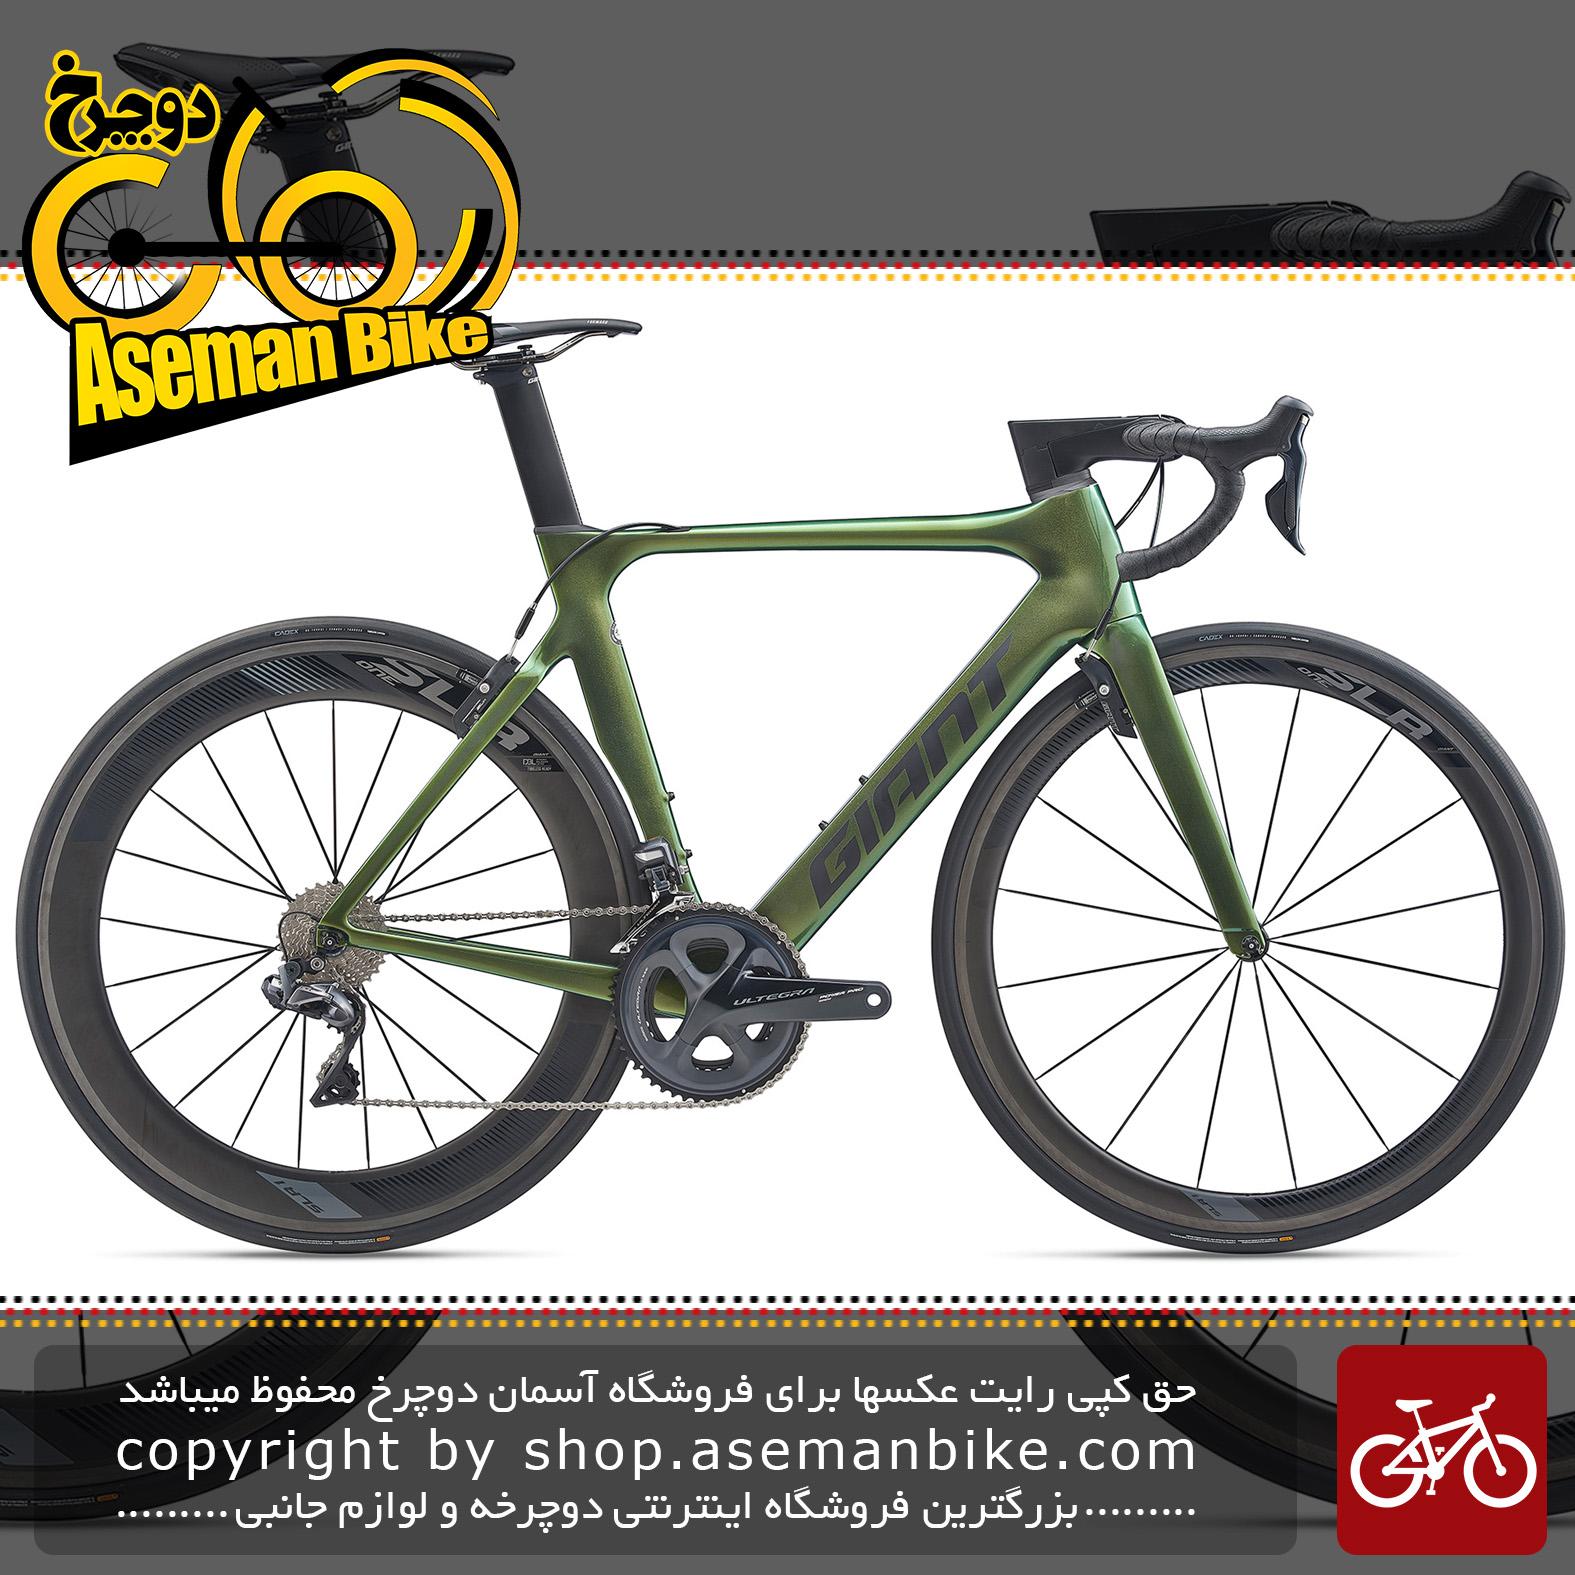 دوچرخه کورسی جاده جاینت مدل پروپل ادونس پرو 0 2020 Giant Road Bicycle Propel Advanced Pro 0 2020